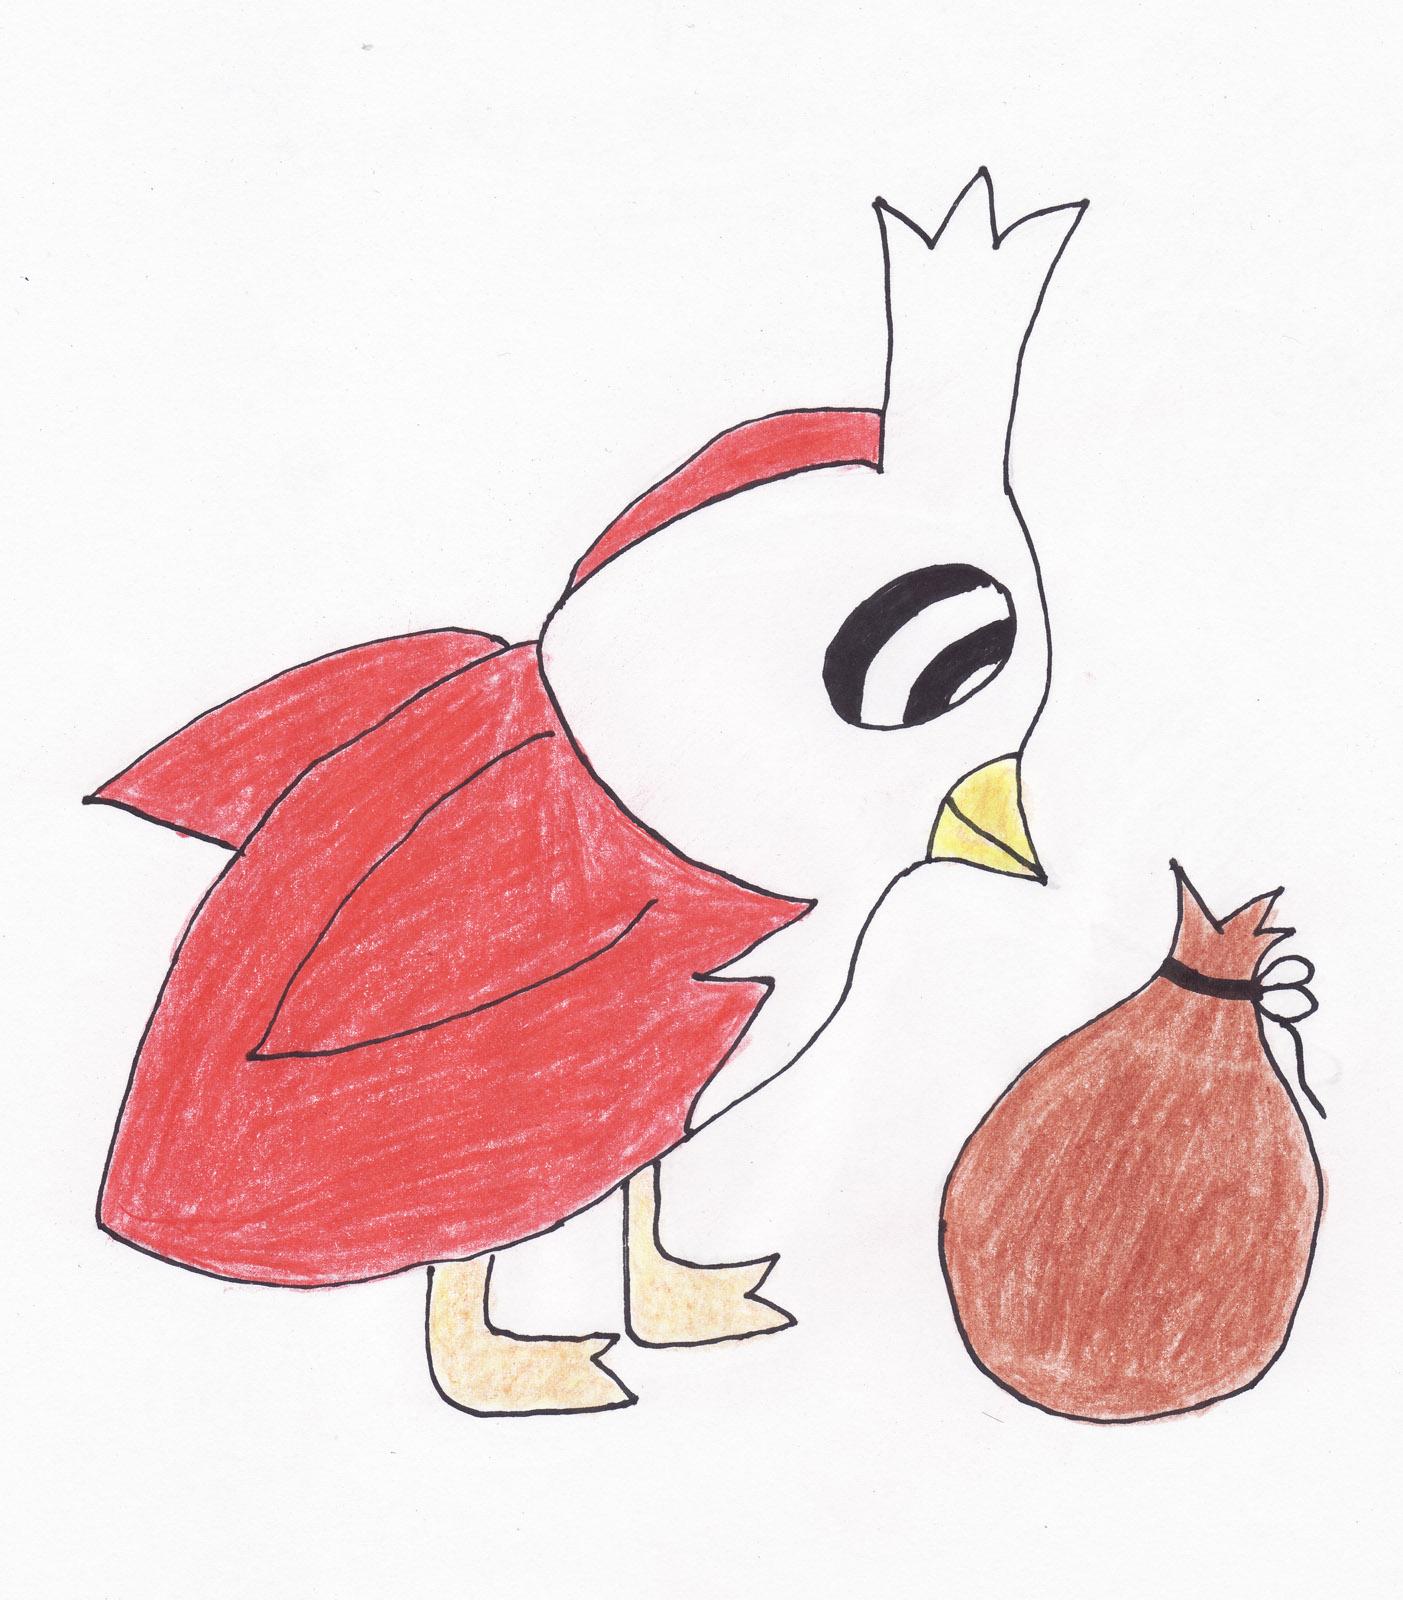 Pokémon-Zeichnung: Botogel - Vorentwicklung